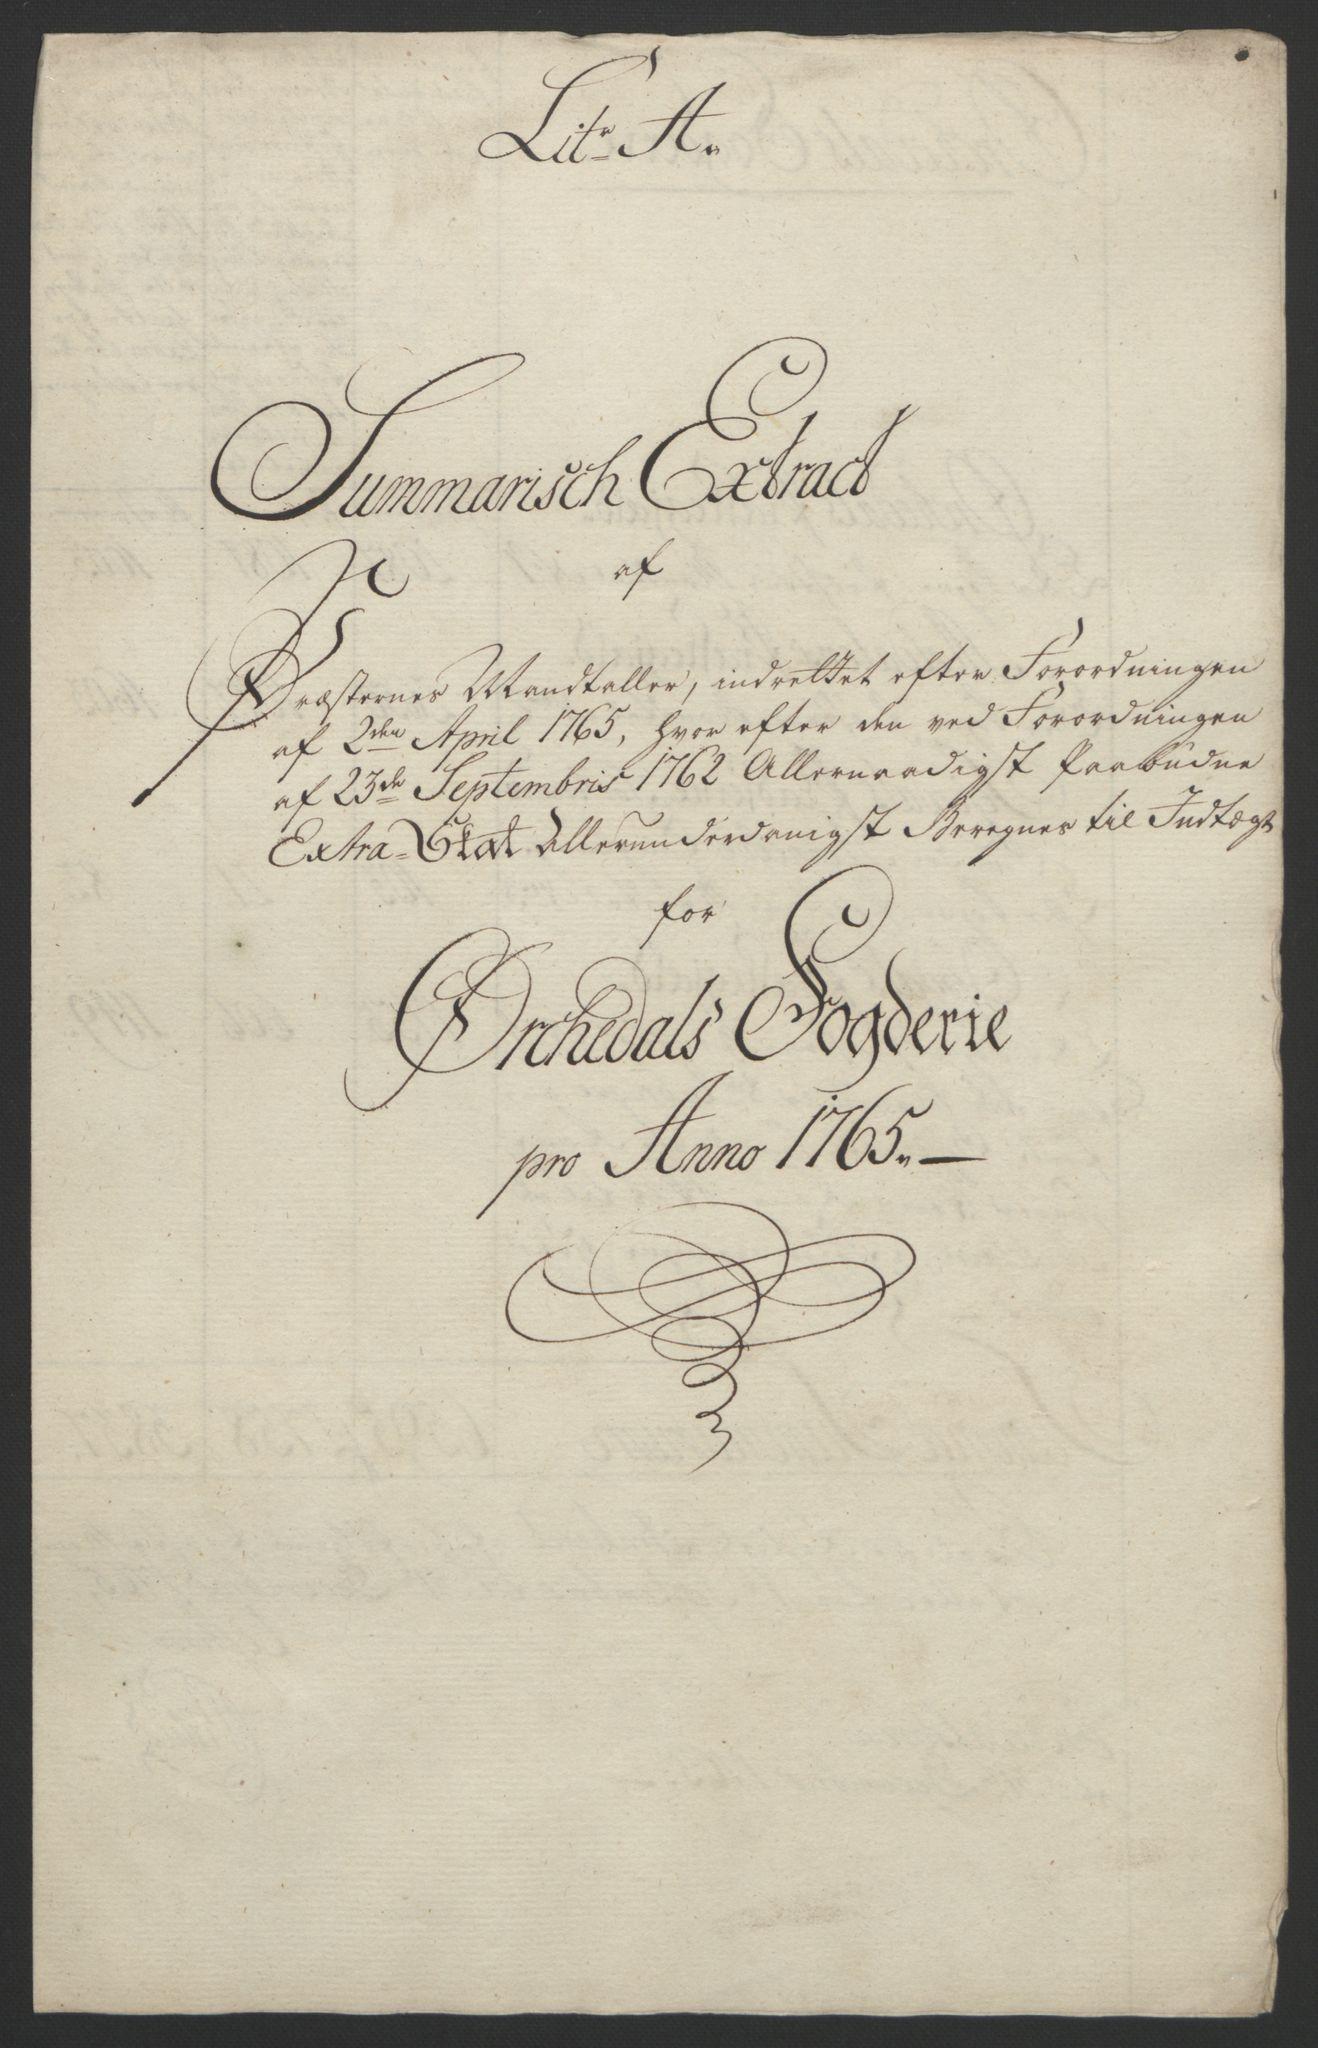 RA, Rentekammeret inntil 1814, Reviderte regnskaper, Fogderegnskap, R60/L4094: Ekstraskatten Orkdal og Gauldal, 1762-1765, s. 253